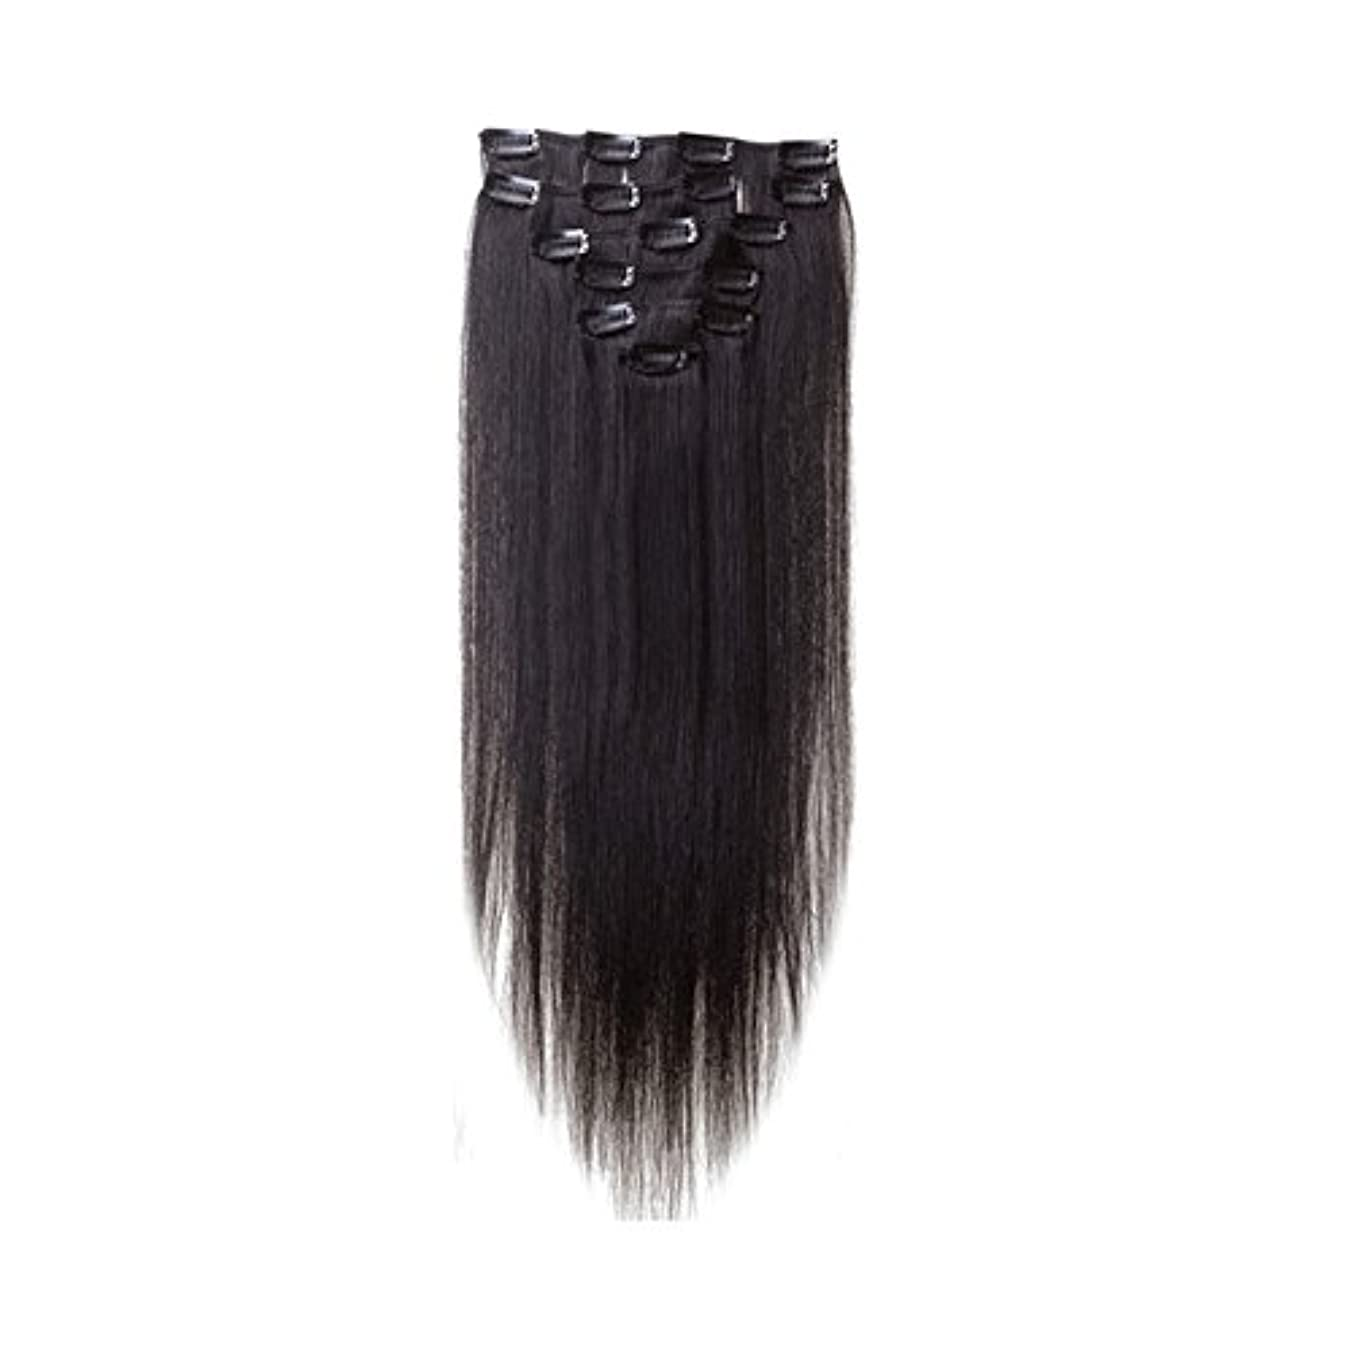 チャーム引き潮祭りヘアエクステンション,SODIAL(R) 女性の人間の髪 クリップインヘアエクステンション 7件 70g 22インチ ナチュラルブラック